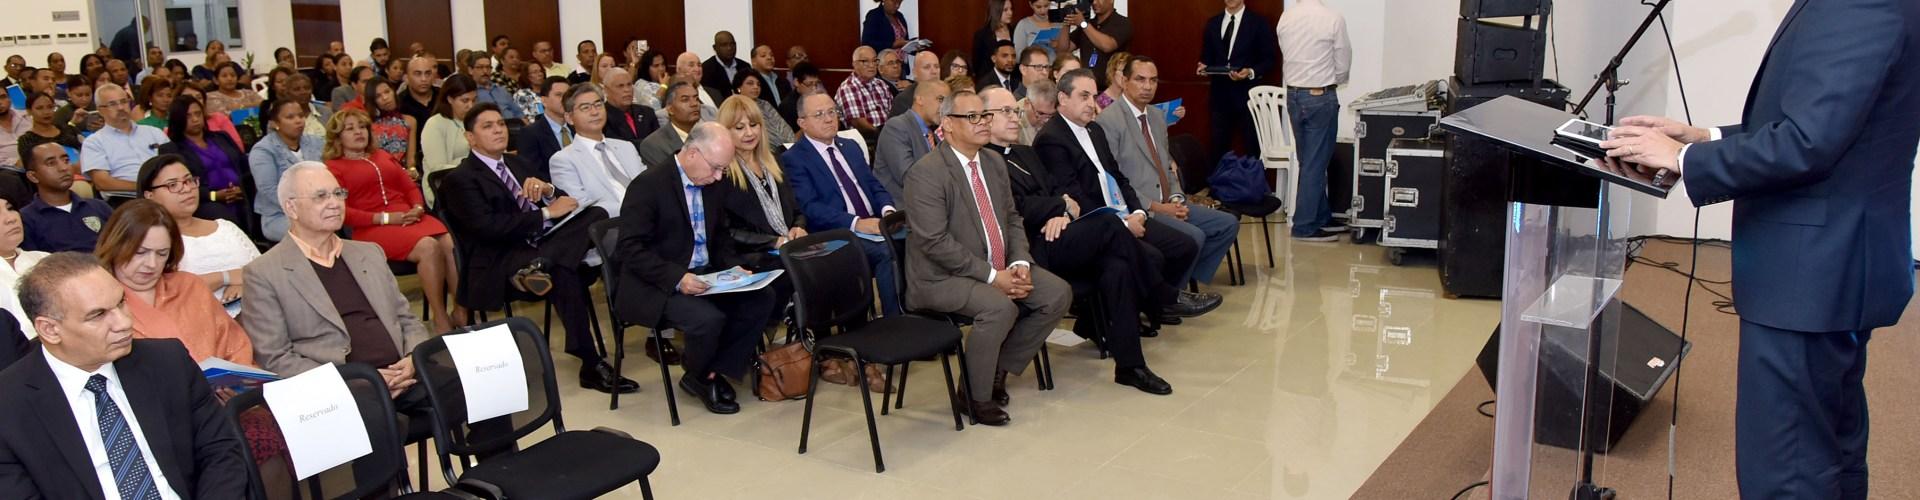 Navarro cita factores avance educación